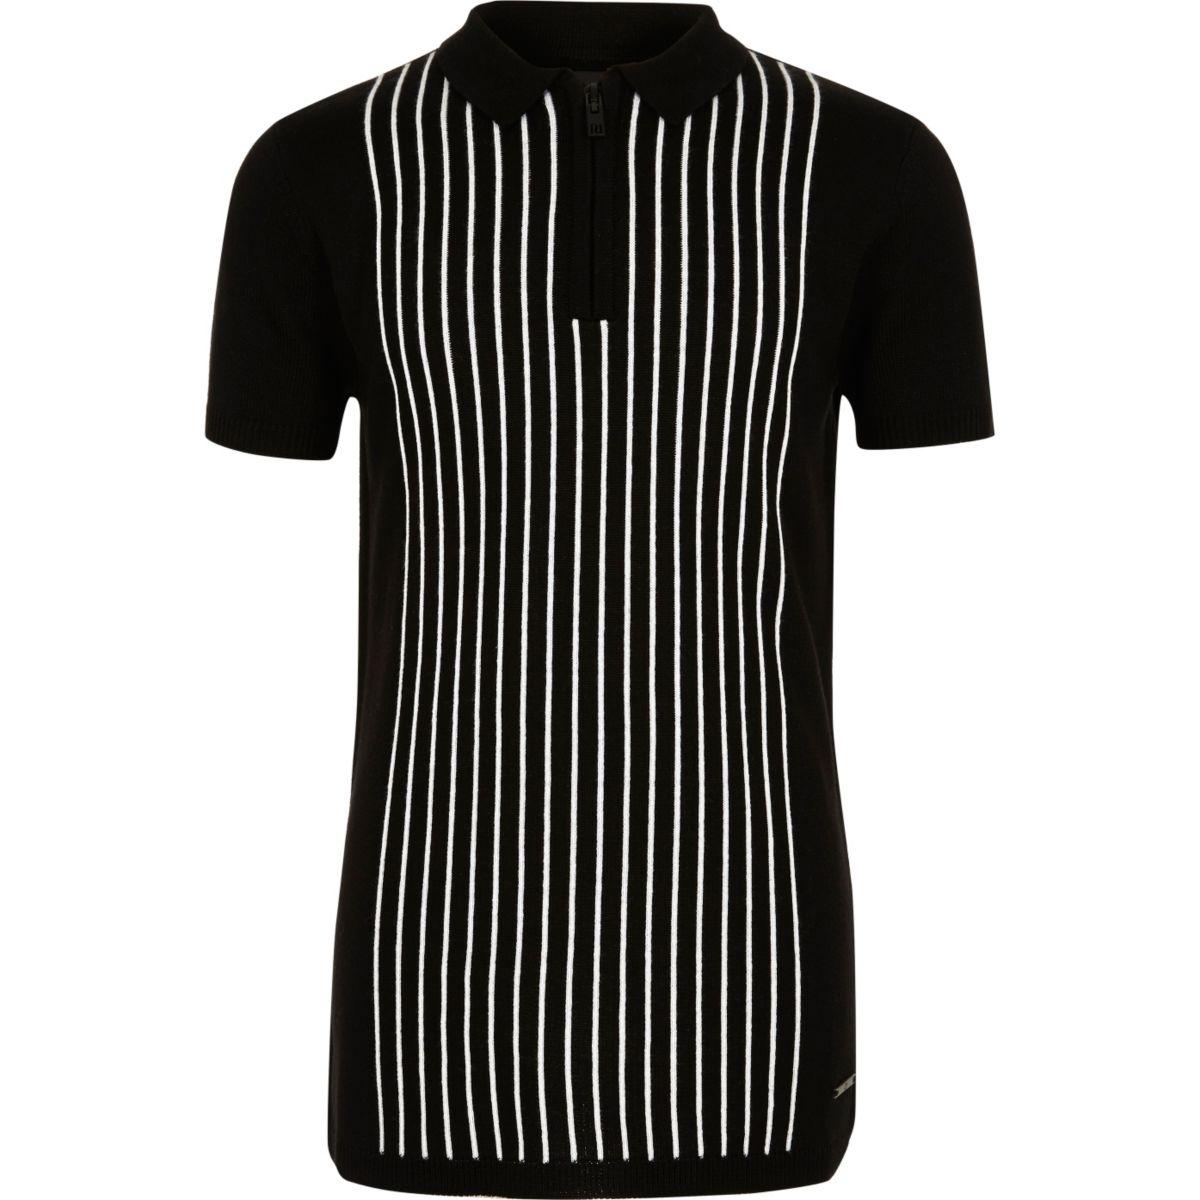 Boys black stripe knit zip polo shirt polo shirts sale for Boys striped polo shirts